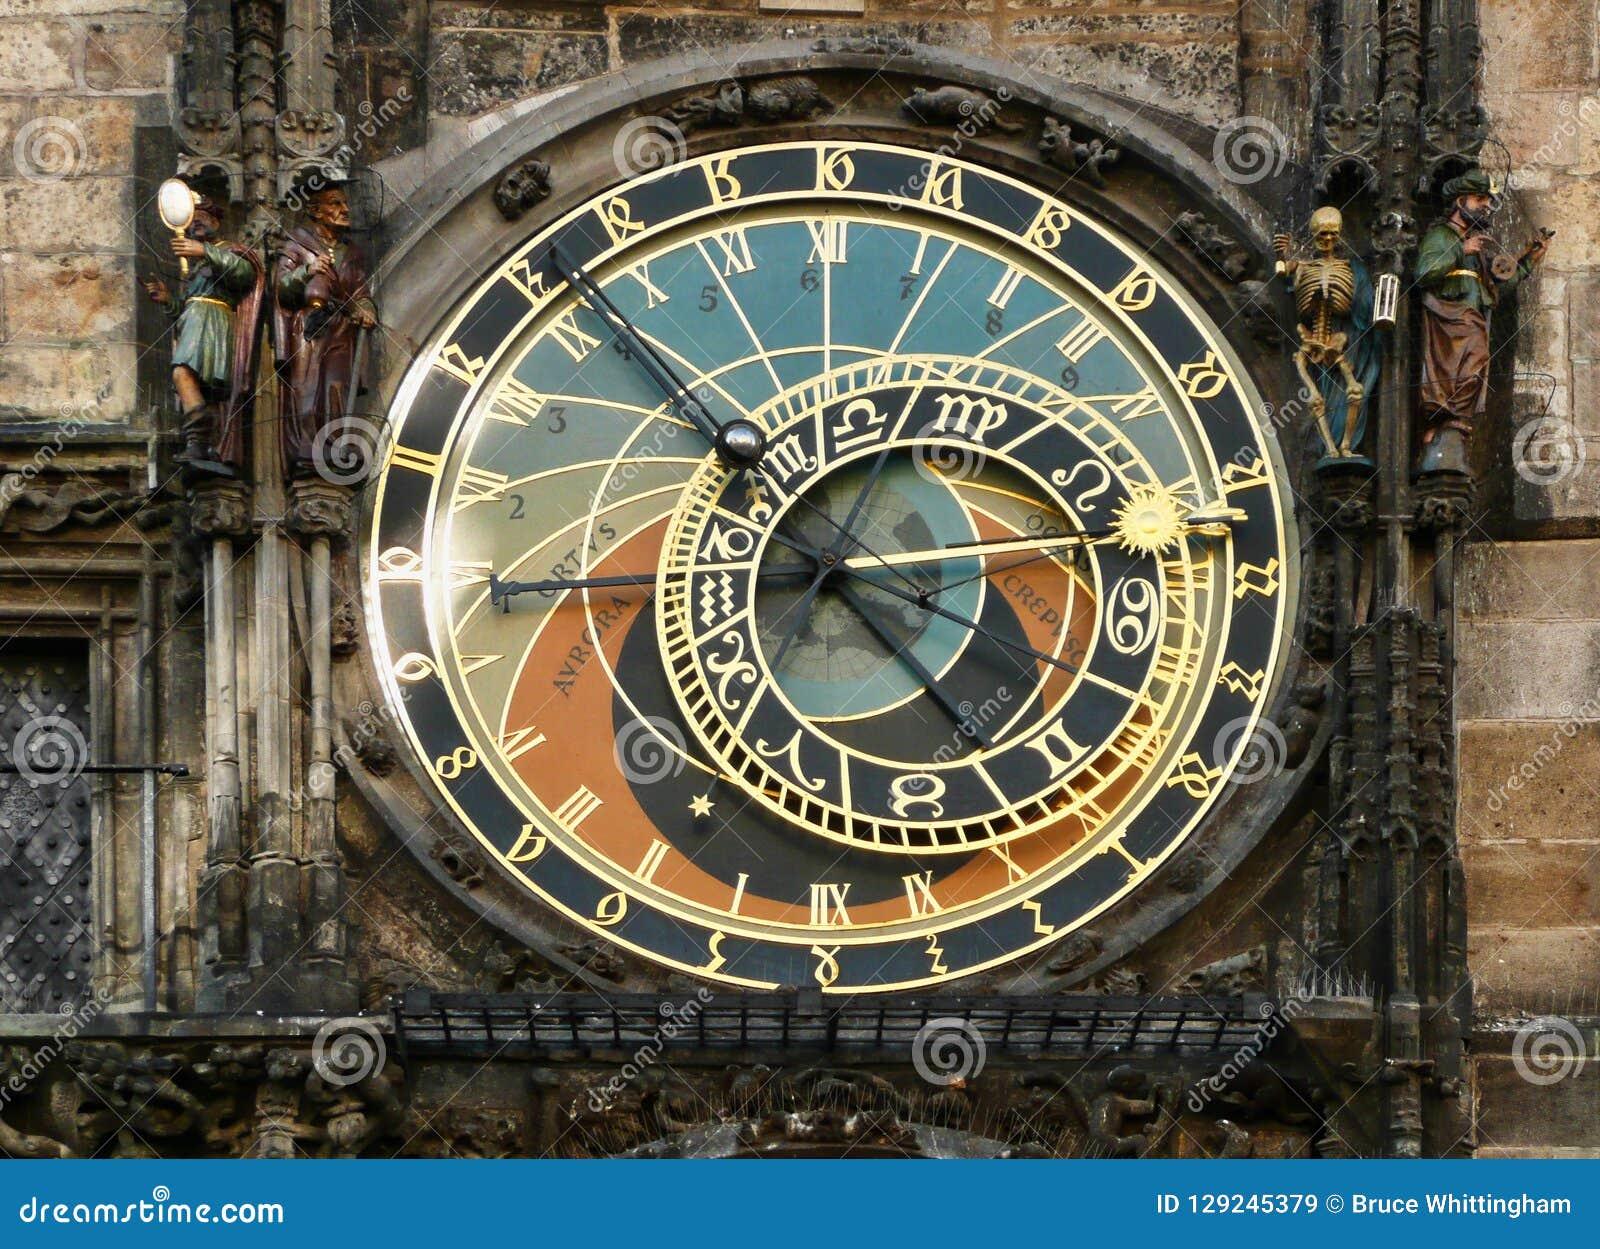 Αστρολογικός πύργος ρολογιών, παλαιό τετράγωνο πύργων, Πράγα, Δημοκρατία της Τσεχίας